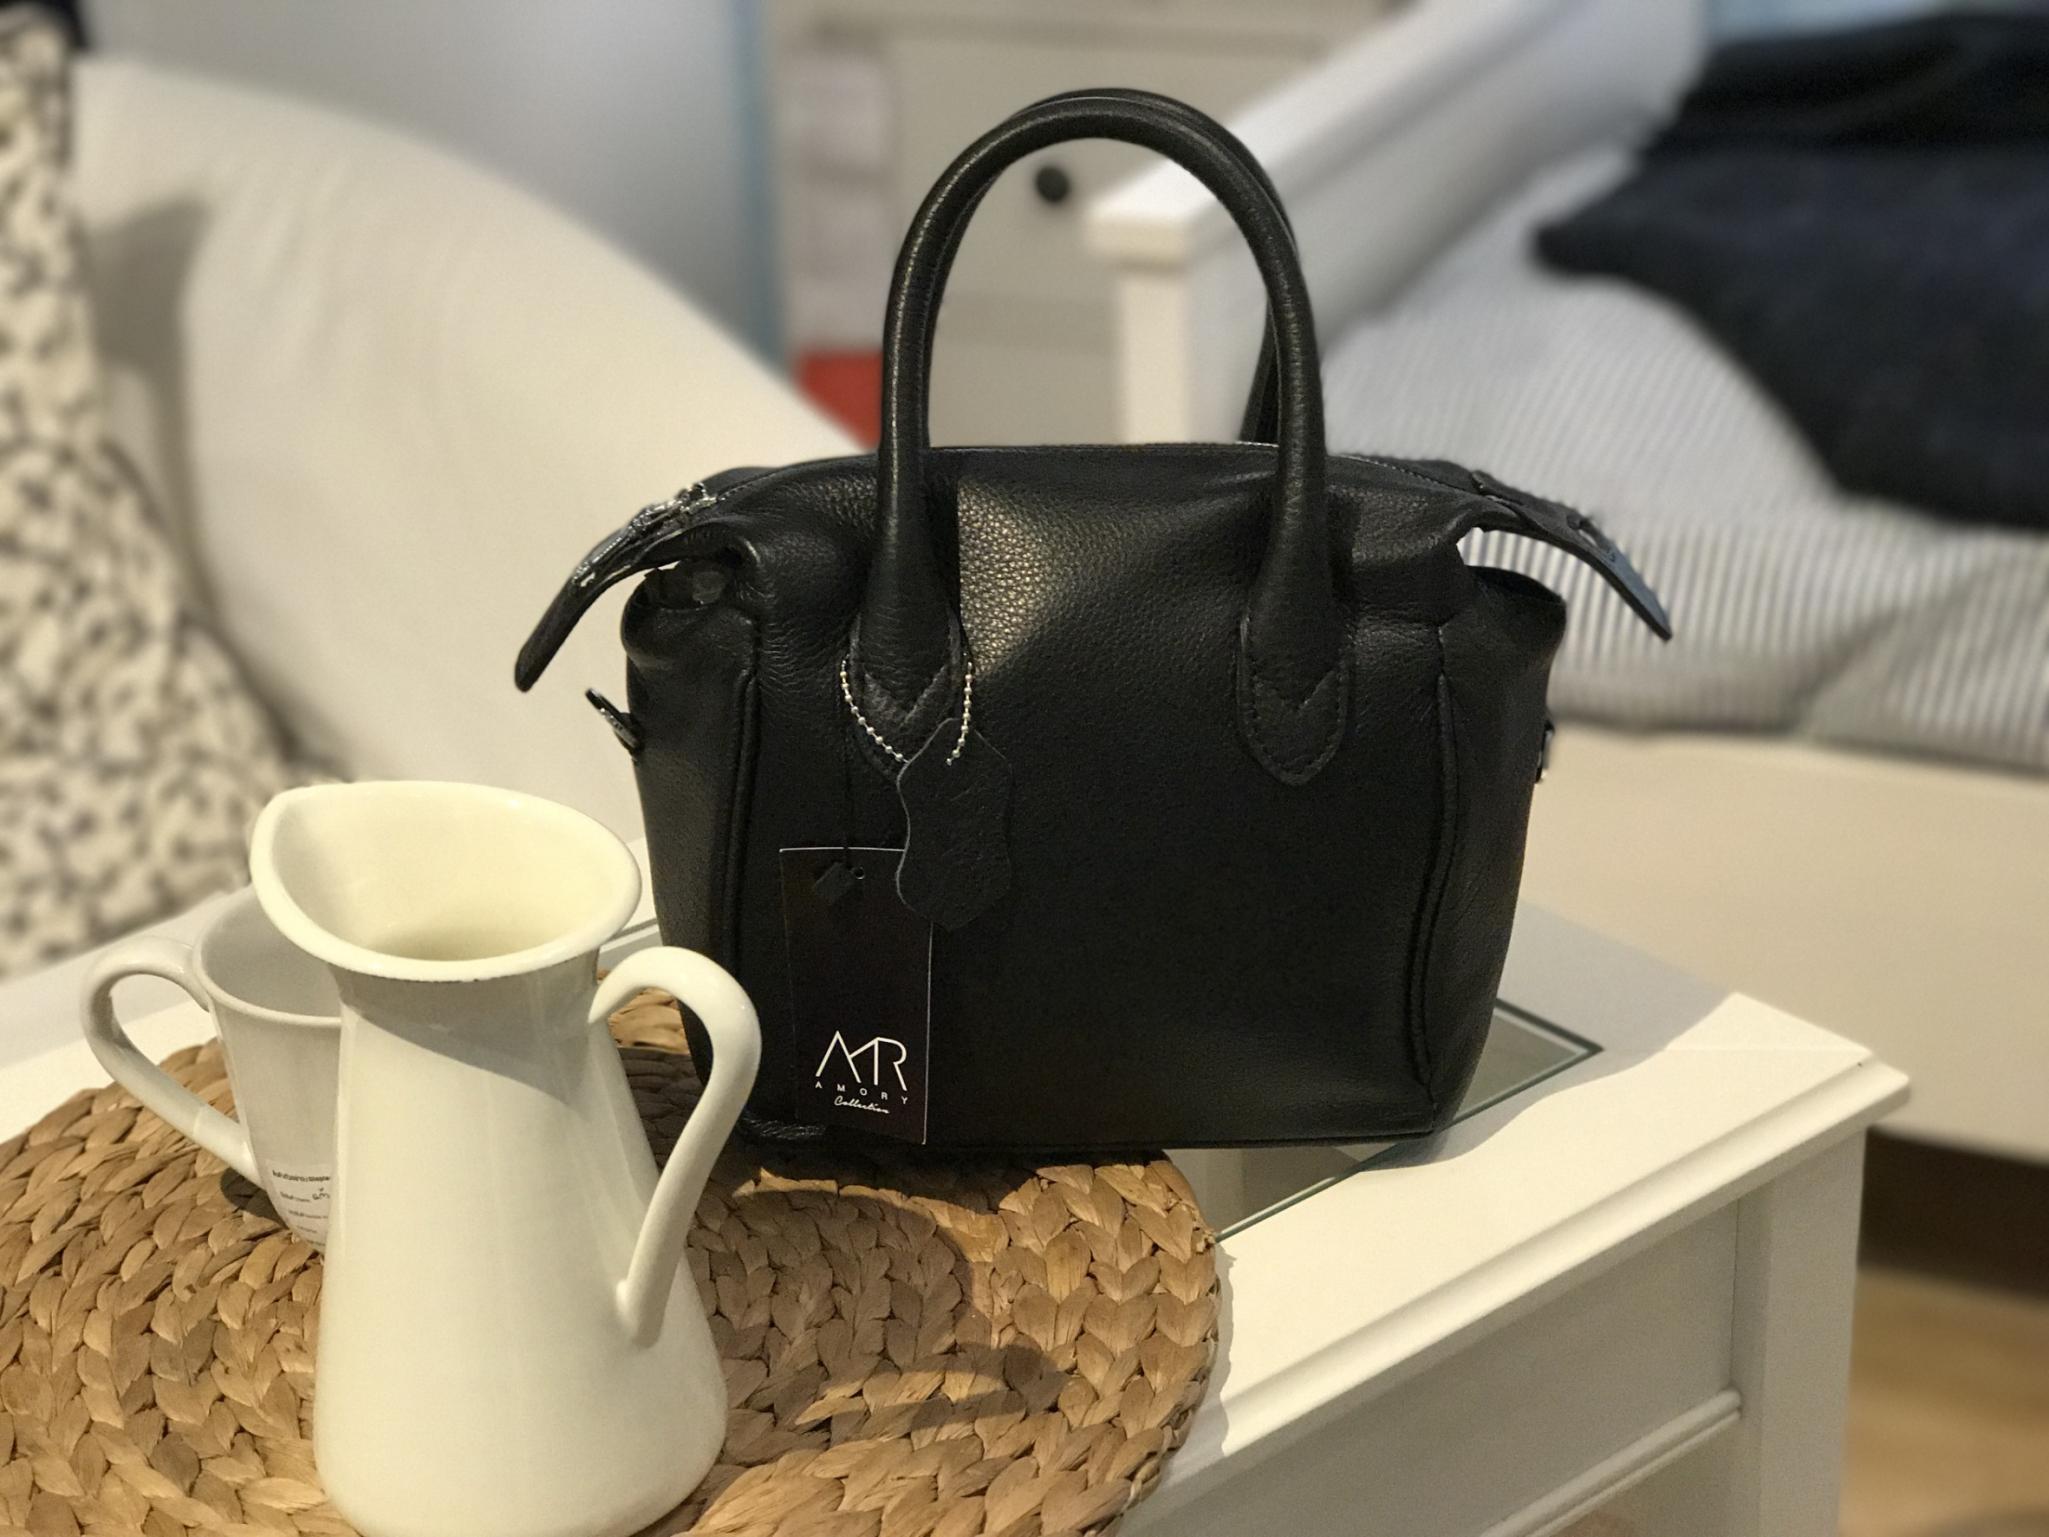 กระเป๋า Amory Leather Bag Mini Bowling Classic Black Limited Edittion